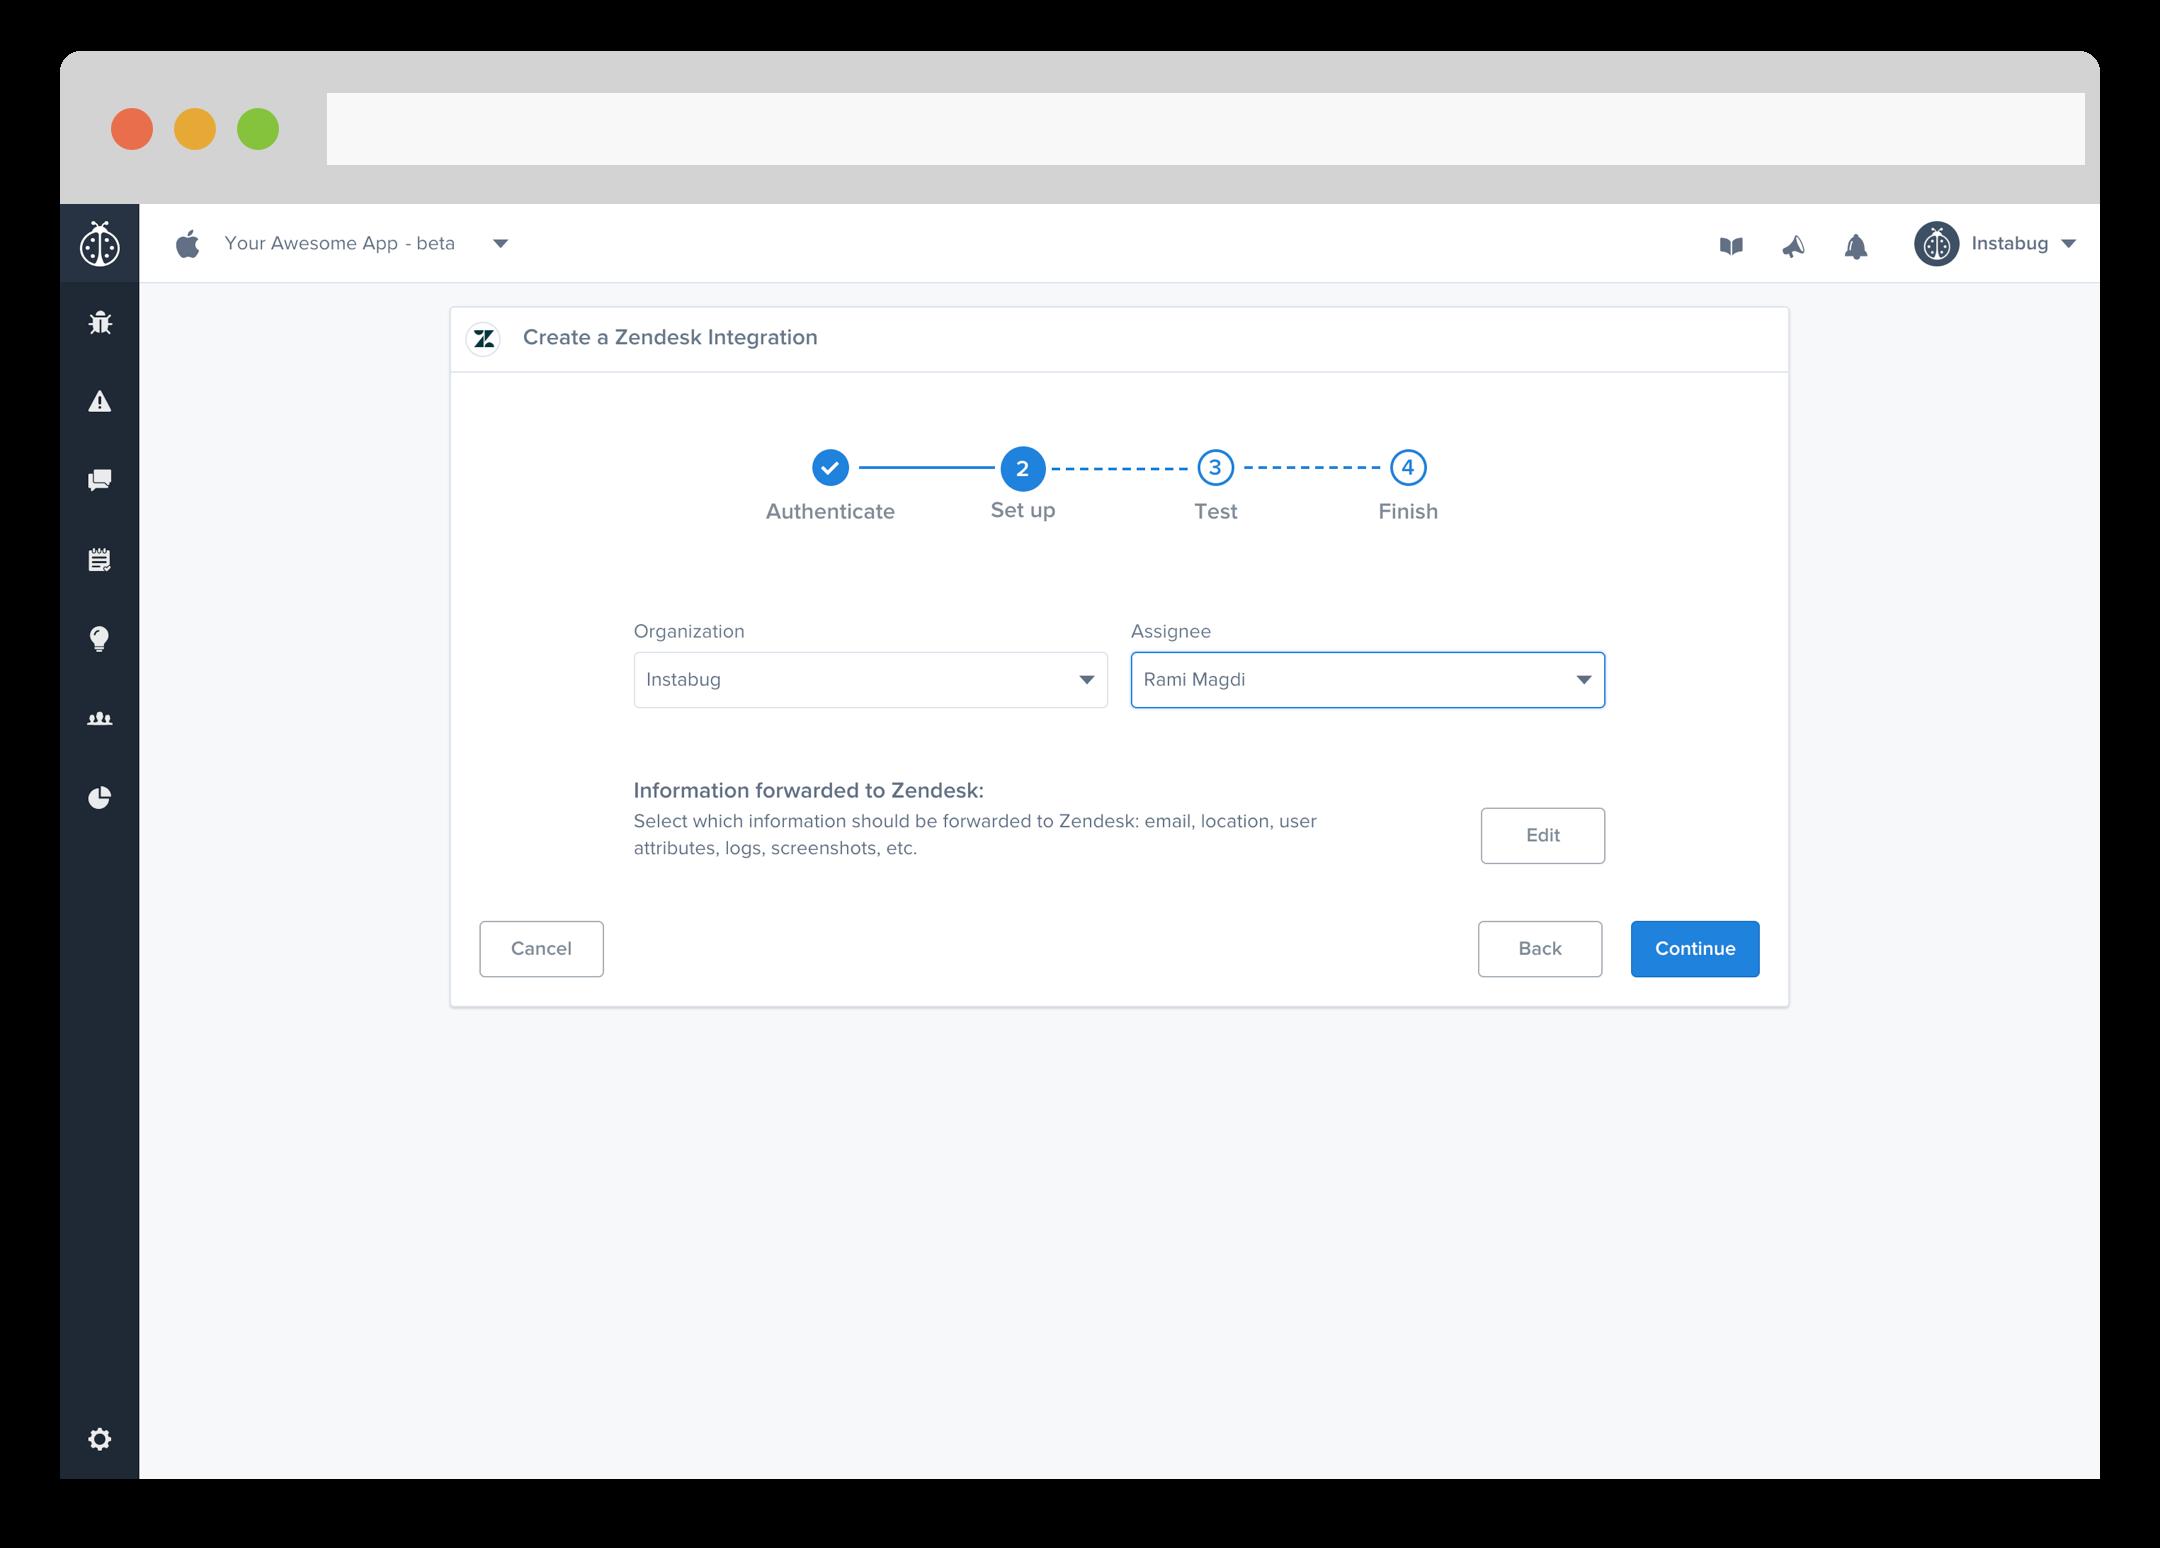 Instabug Zendesk integration: step 2